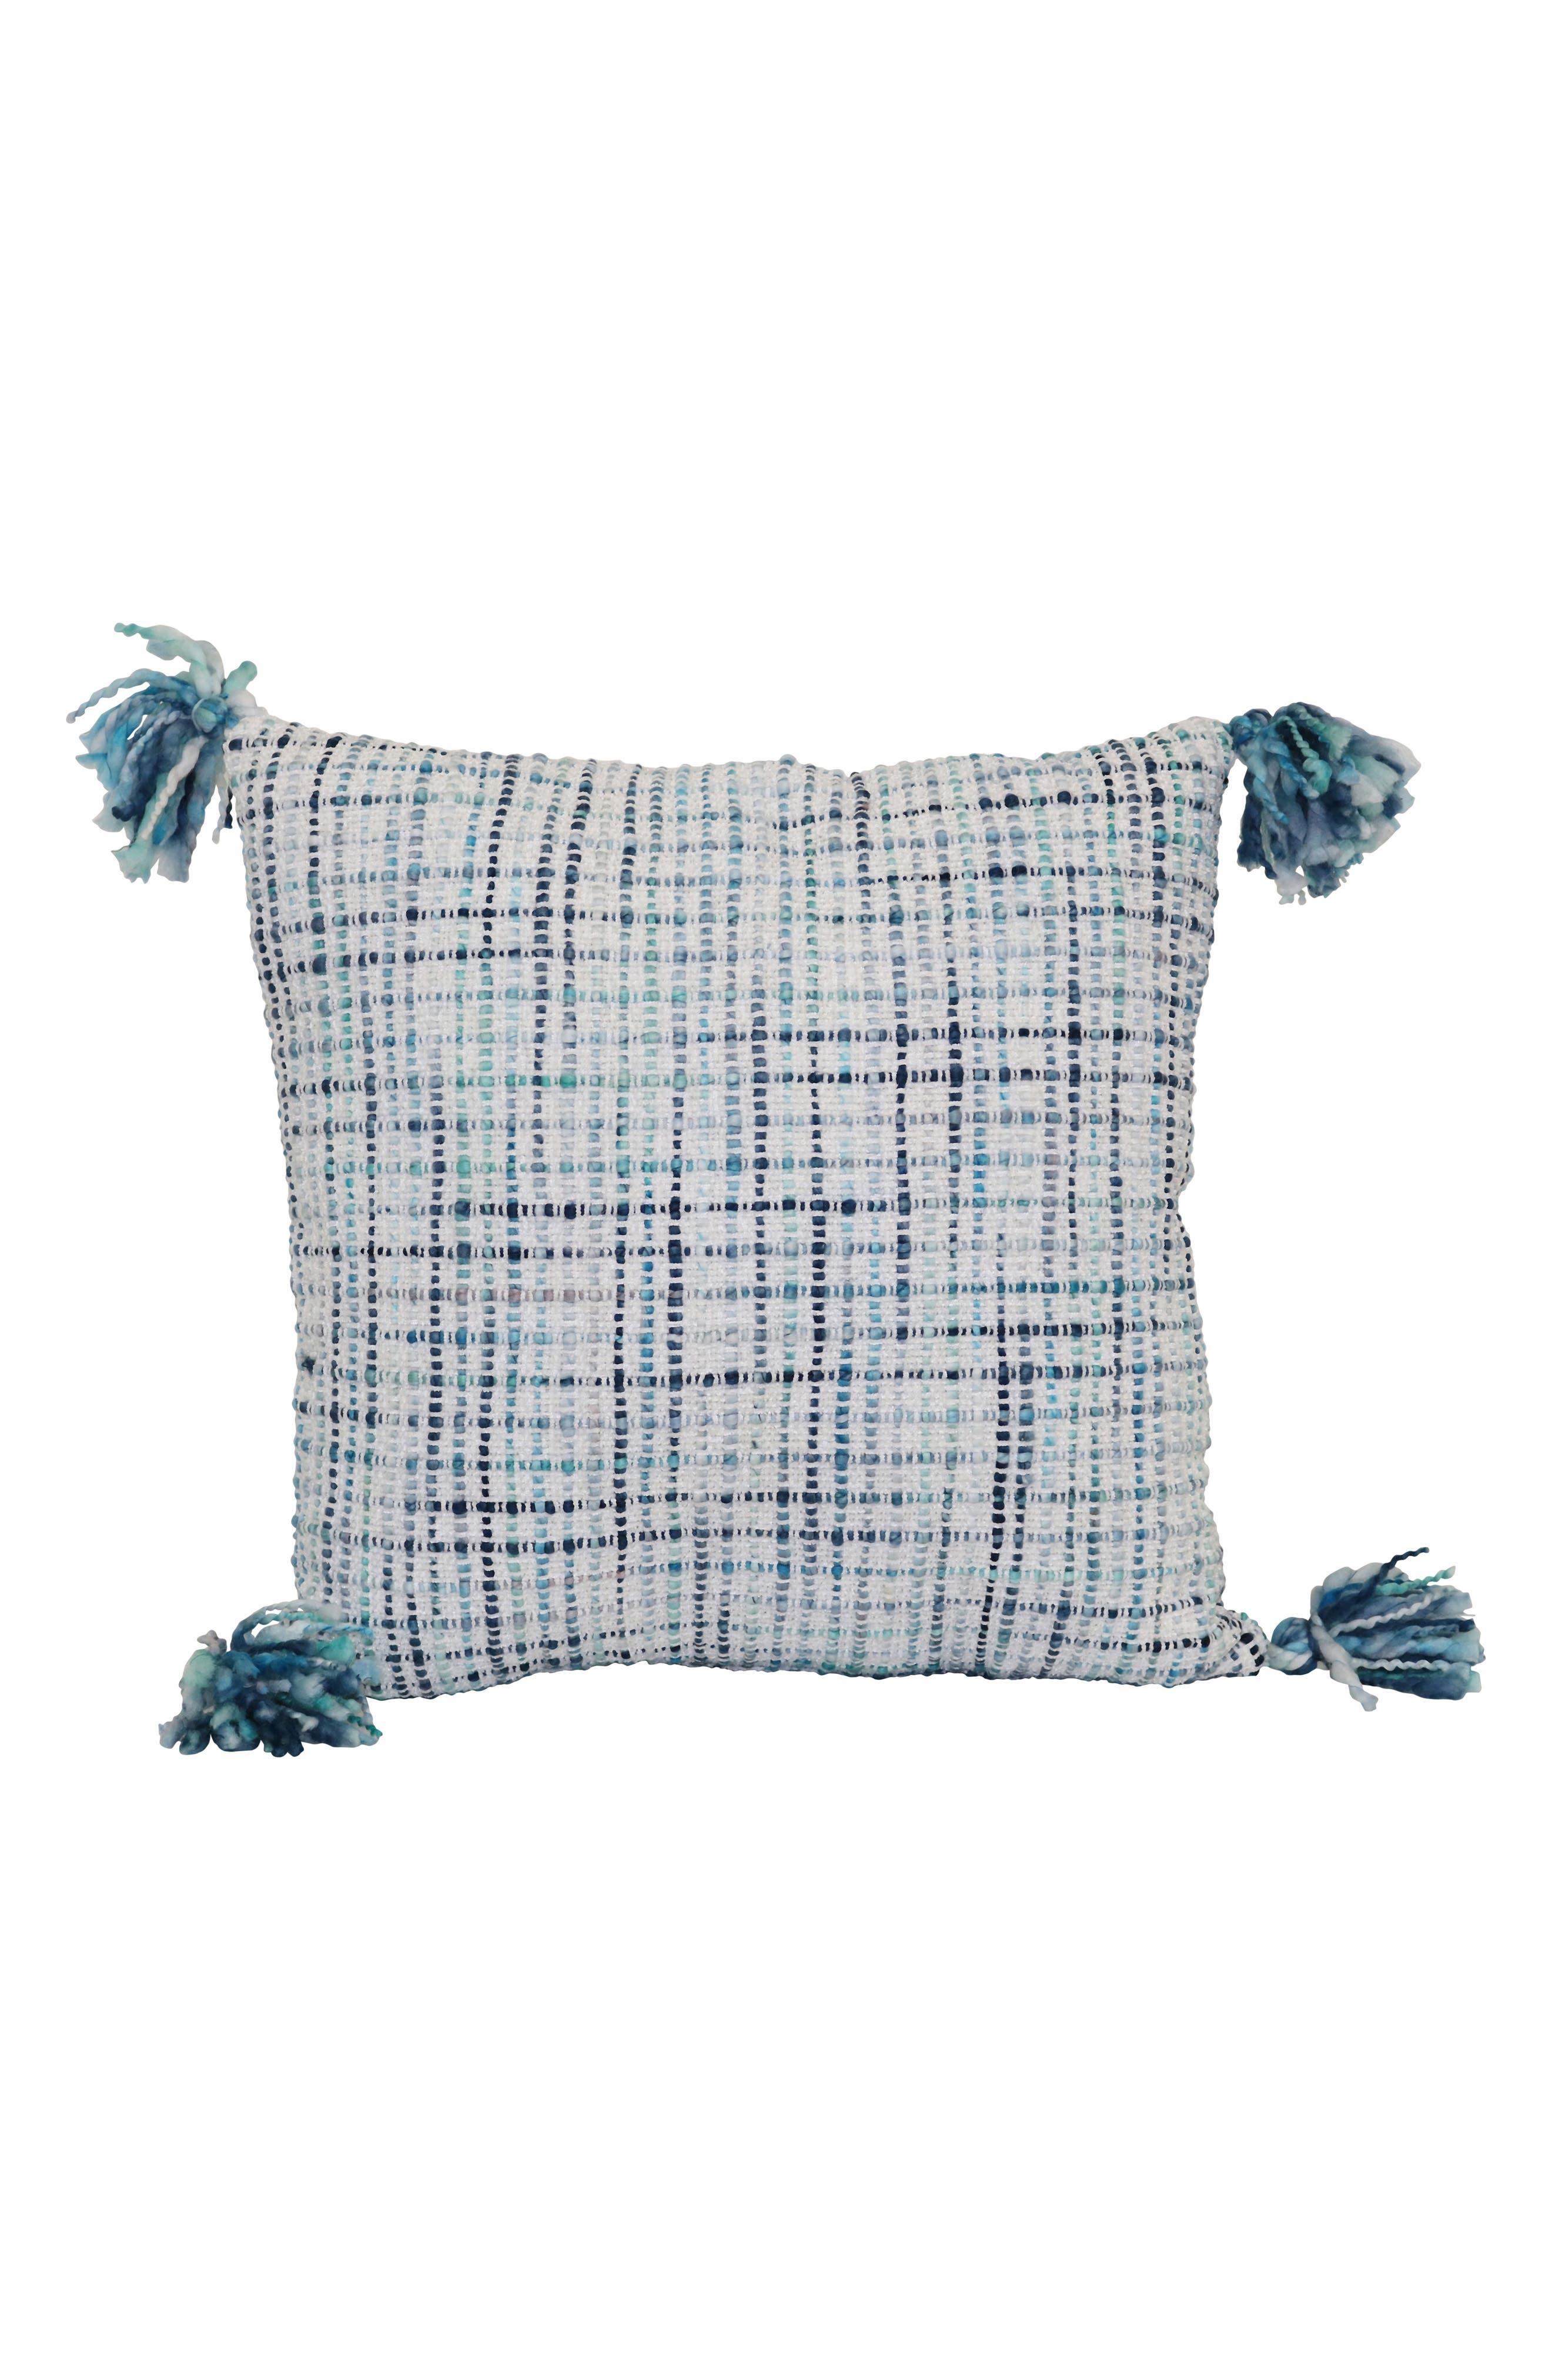 Brentwood Originals Tassel Accent Pillow